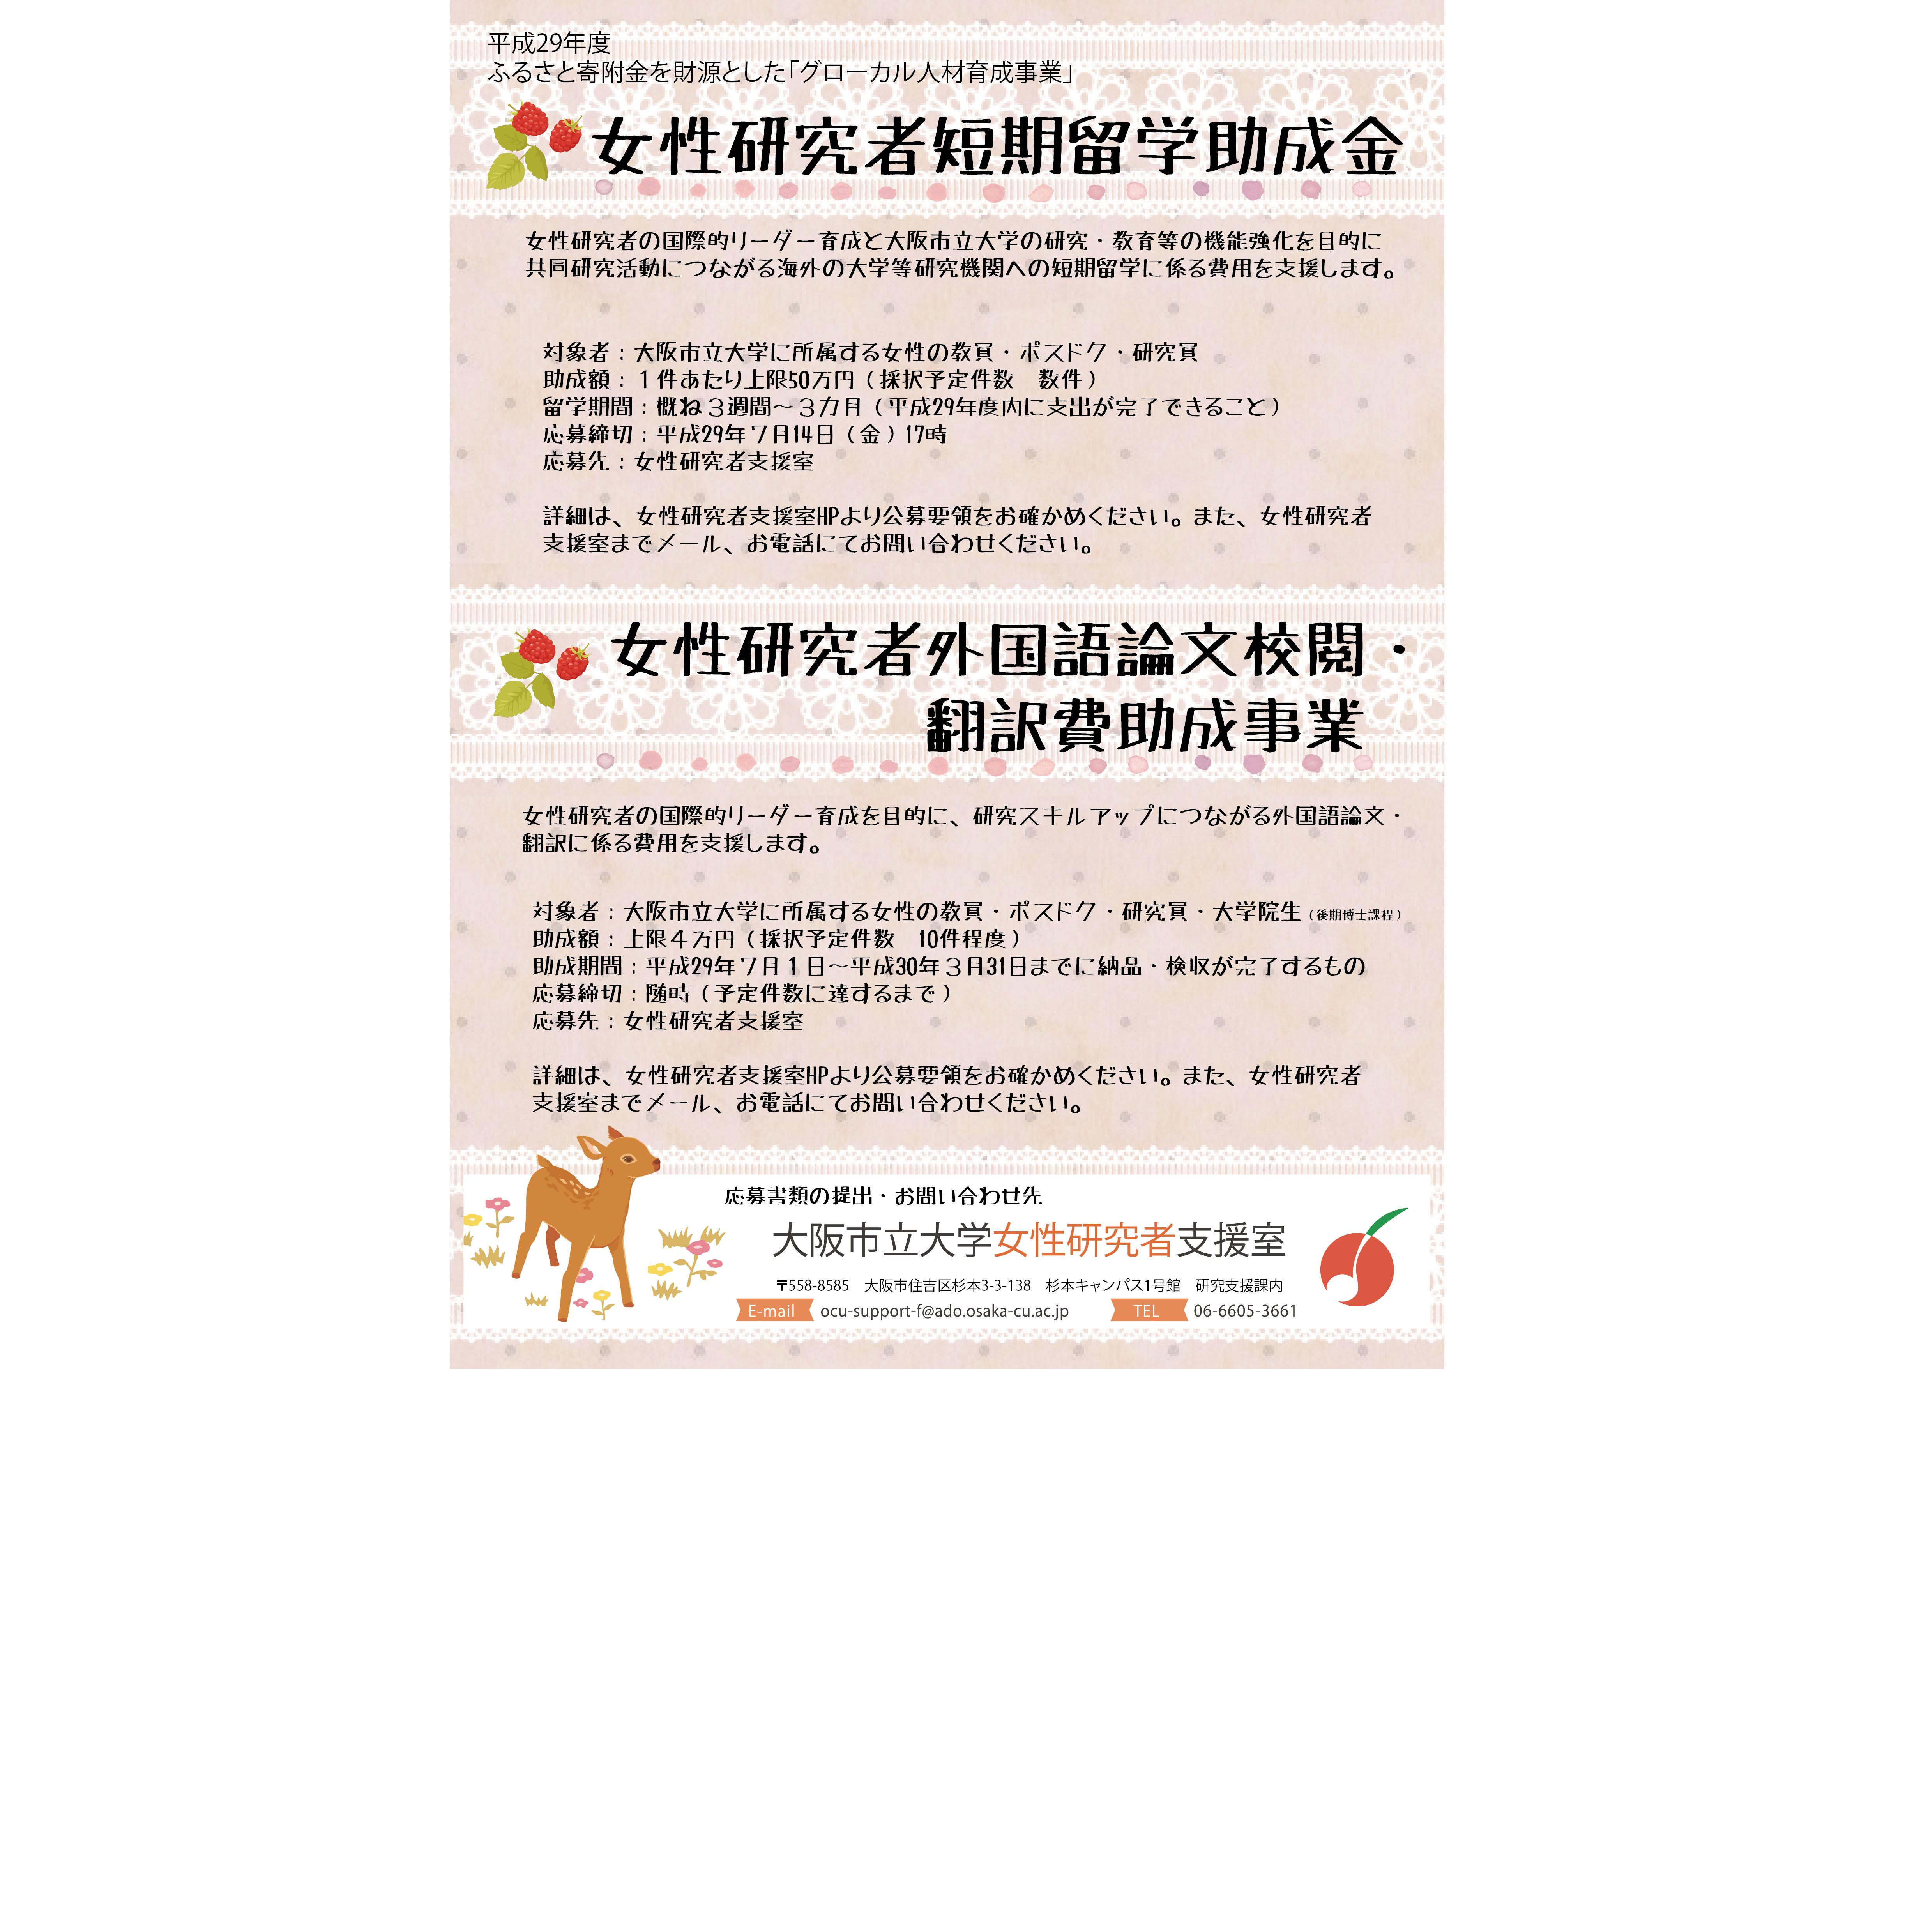 女性研究者短期留学助成金_外国語論文校閲翻訳助成 告知ちらし